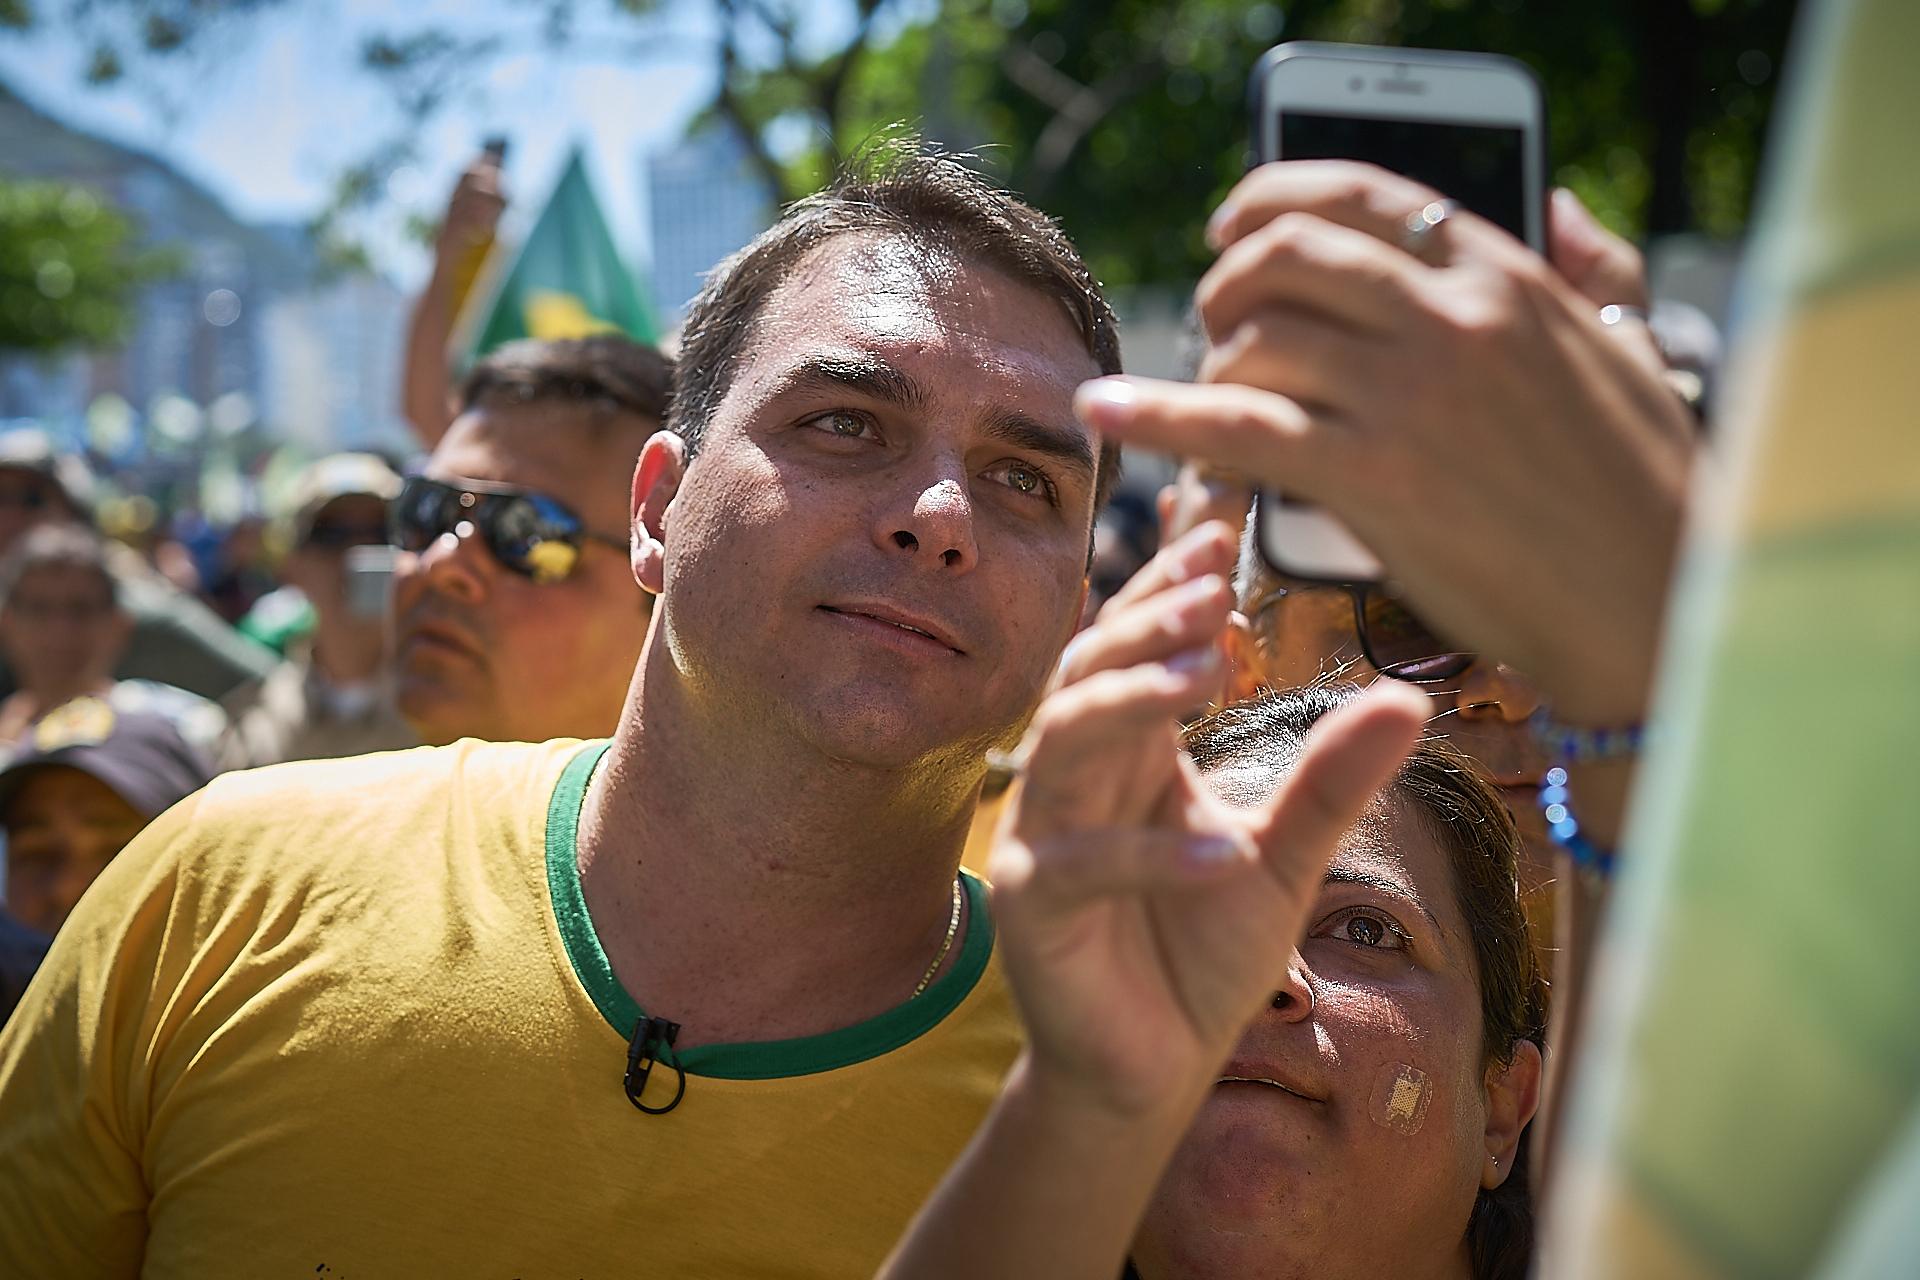 Flávio Bolsonaro takes a photo with a supporter (Photo: C.H. Gardiner)